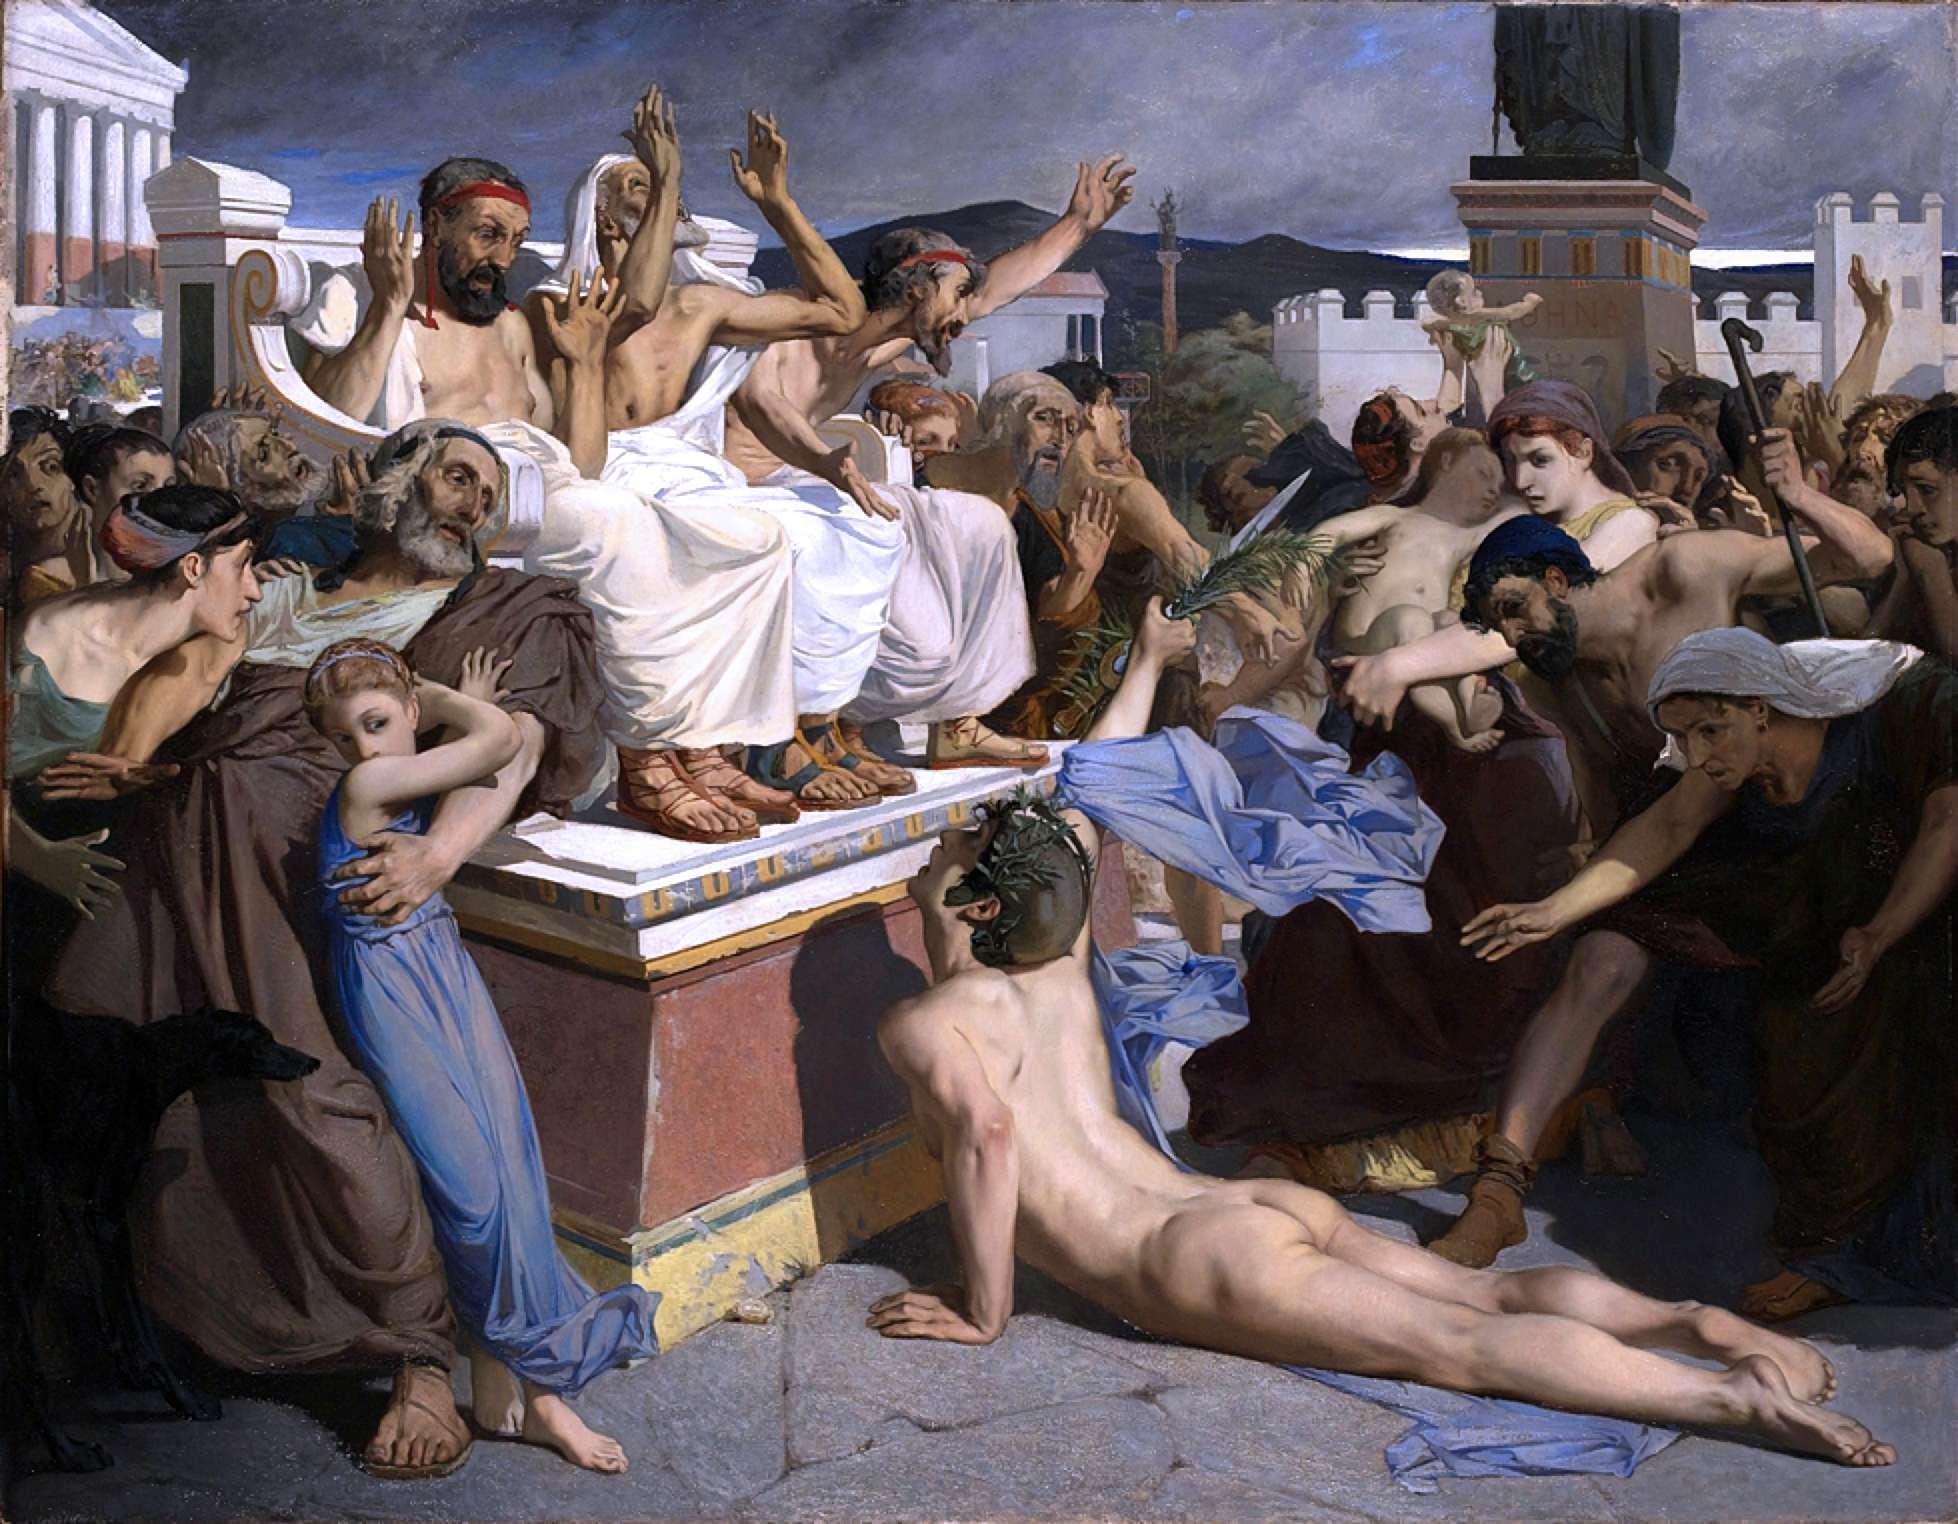 Ο Φειδιππίδης φέρνει την είδηση της νίκης των Ελλήνων στη μάχη του Μαραθώνα. Pheidippides giving word of victory after the Battle of Marathon.